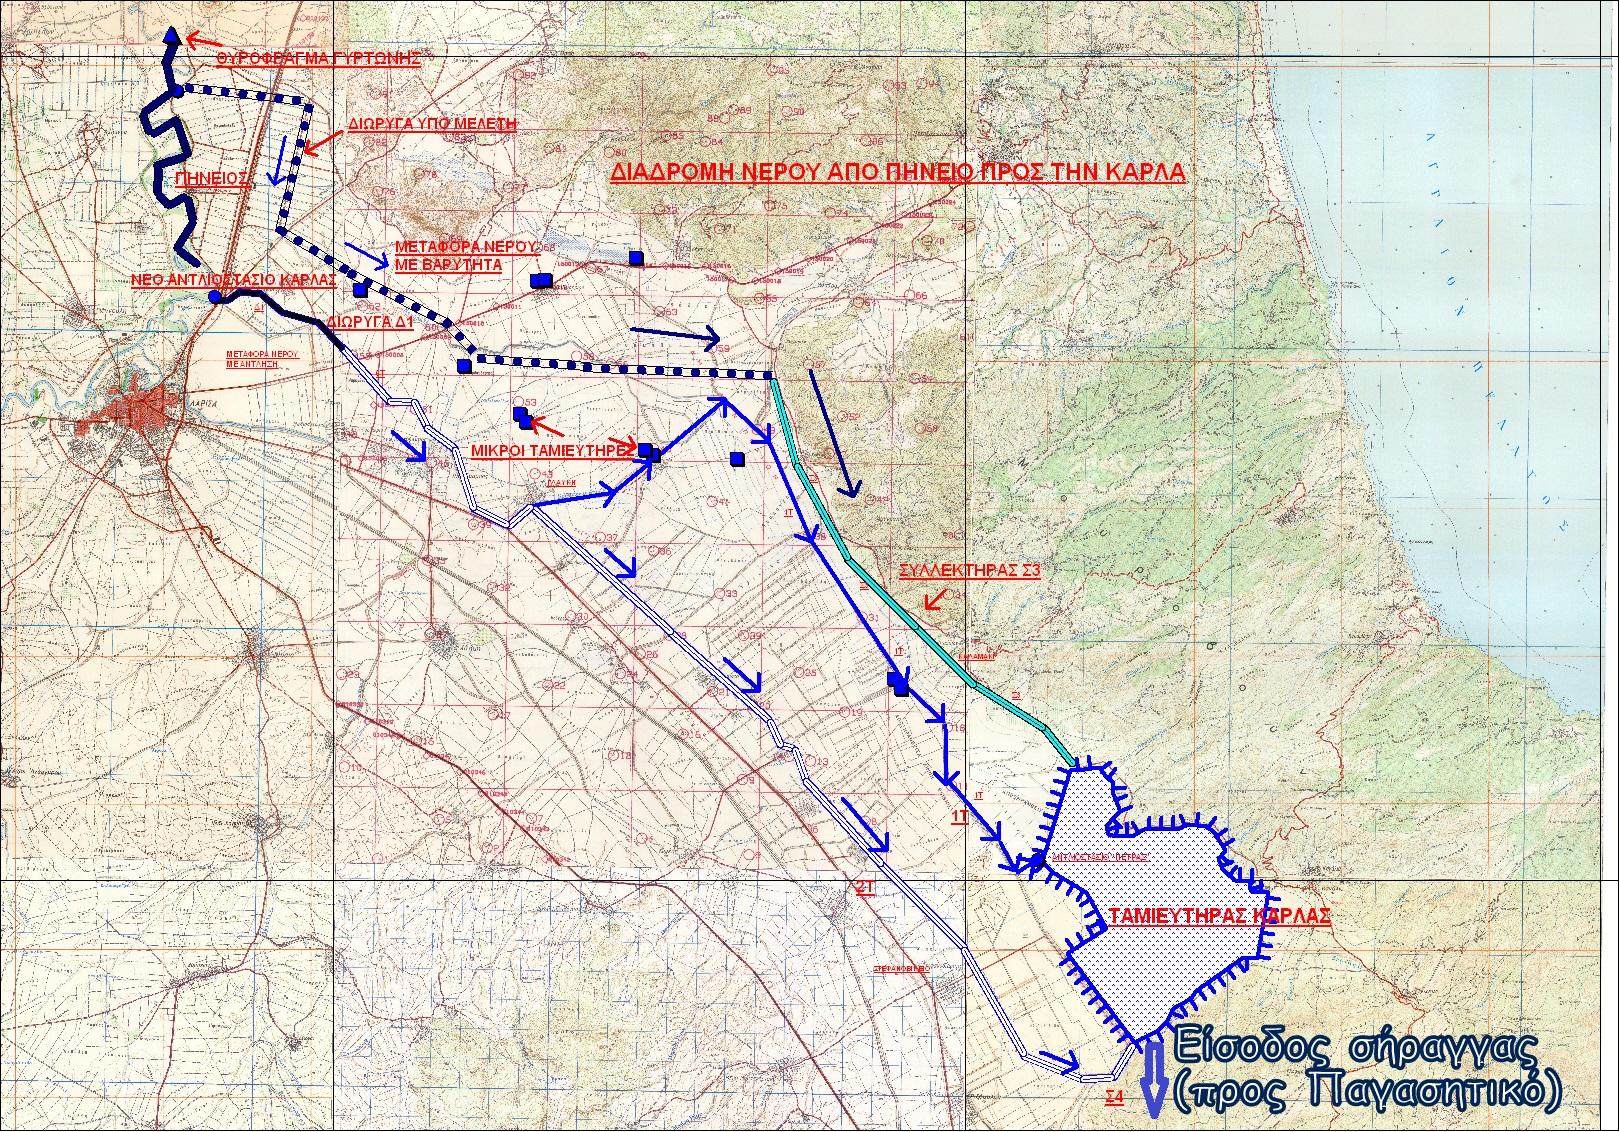 Σκαρίφημα διαδρομής του νερού από Πηνειό στην Κάρλα (με άντληση και βαρύτητα)